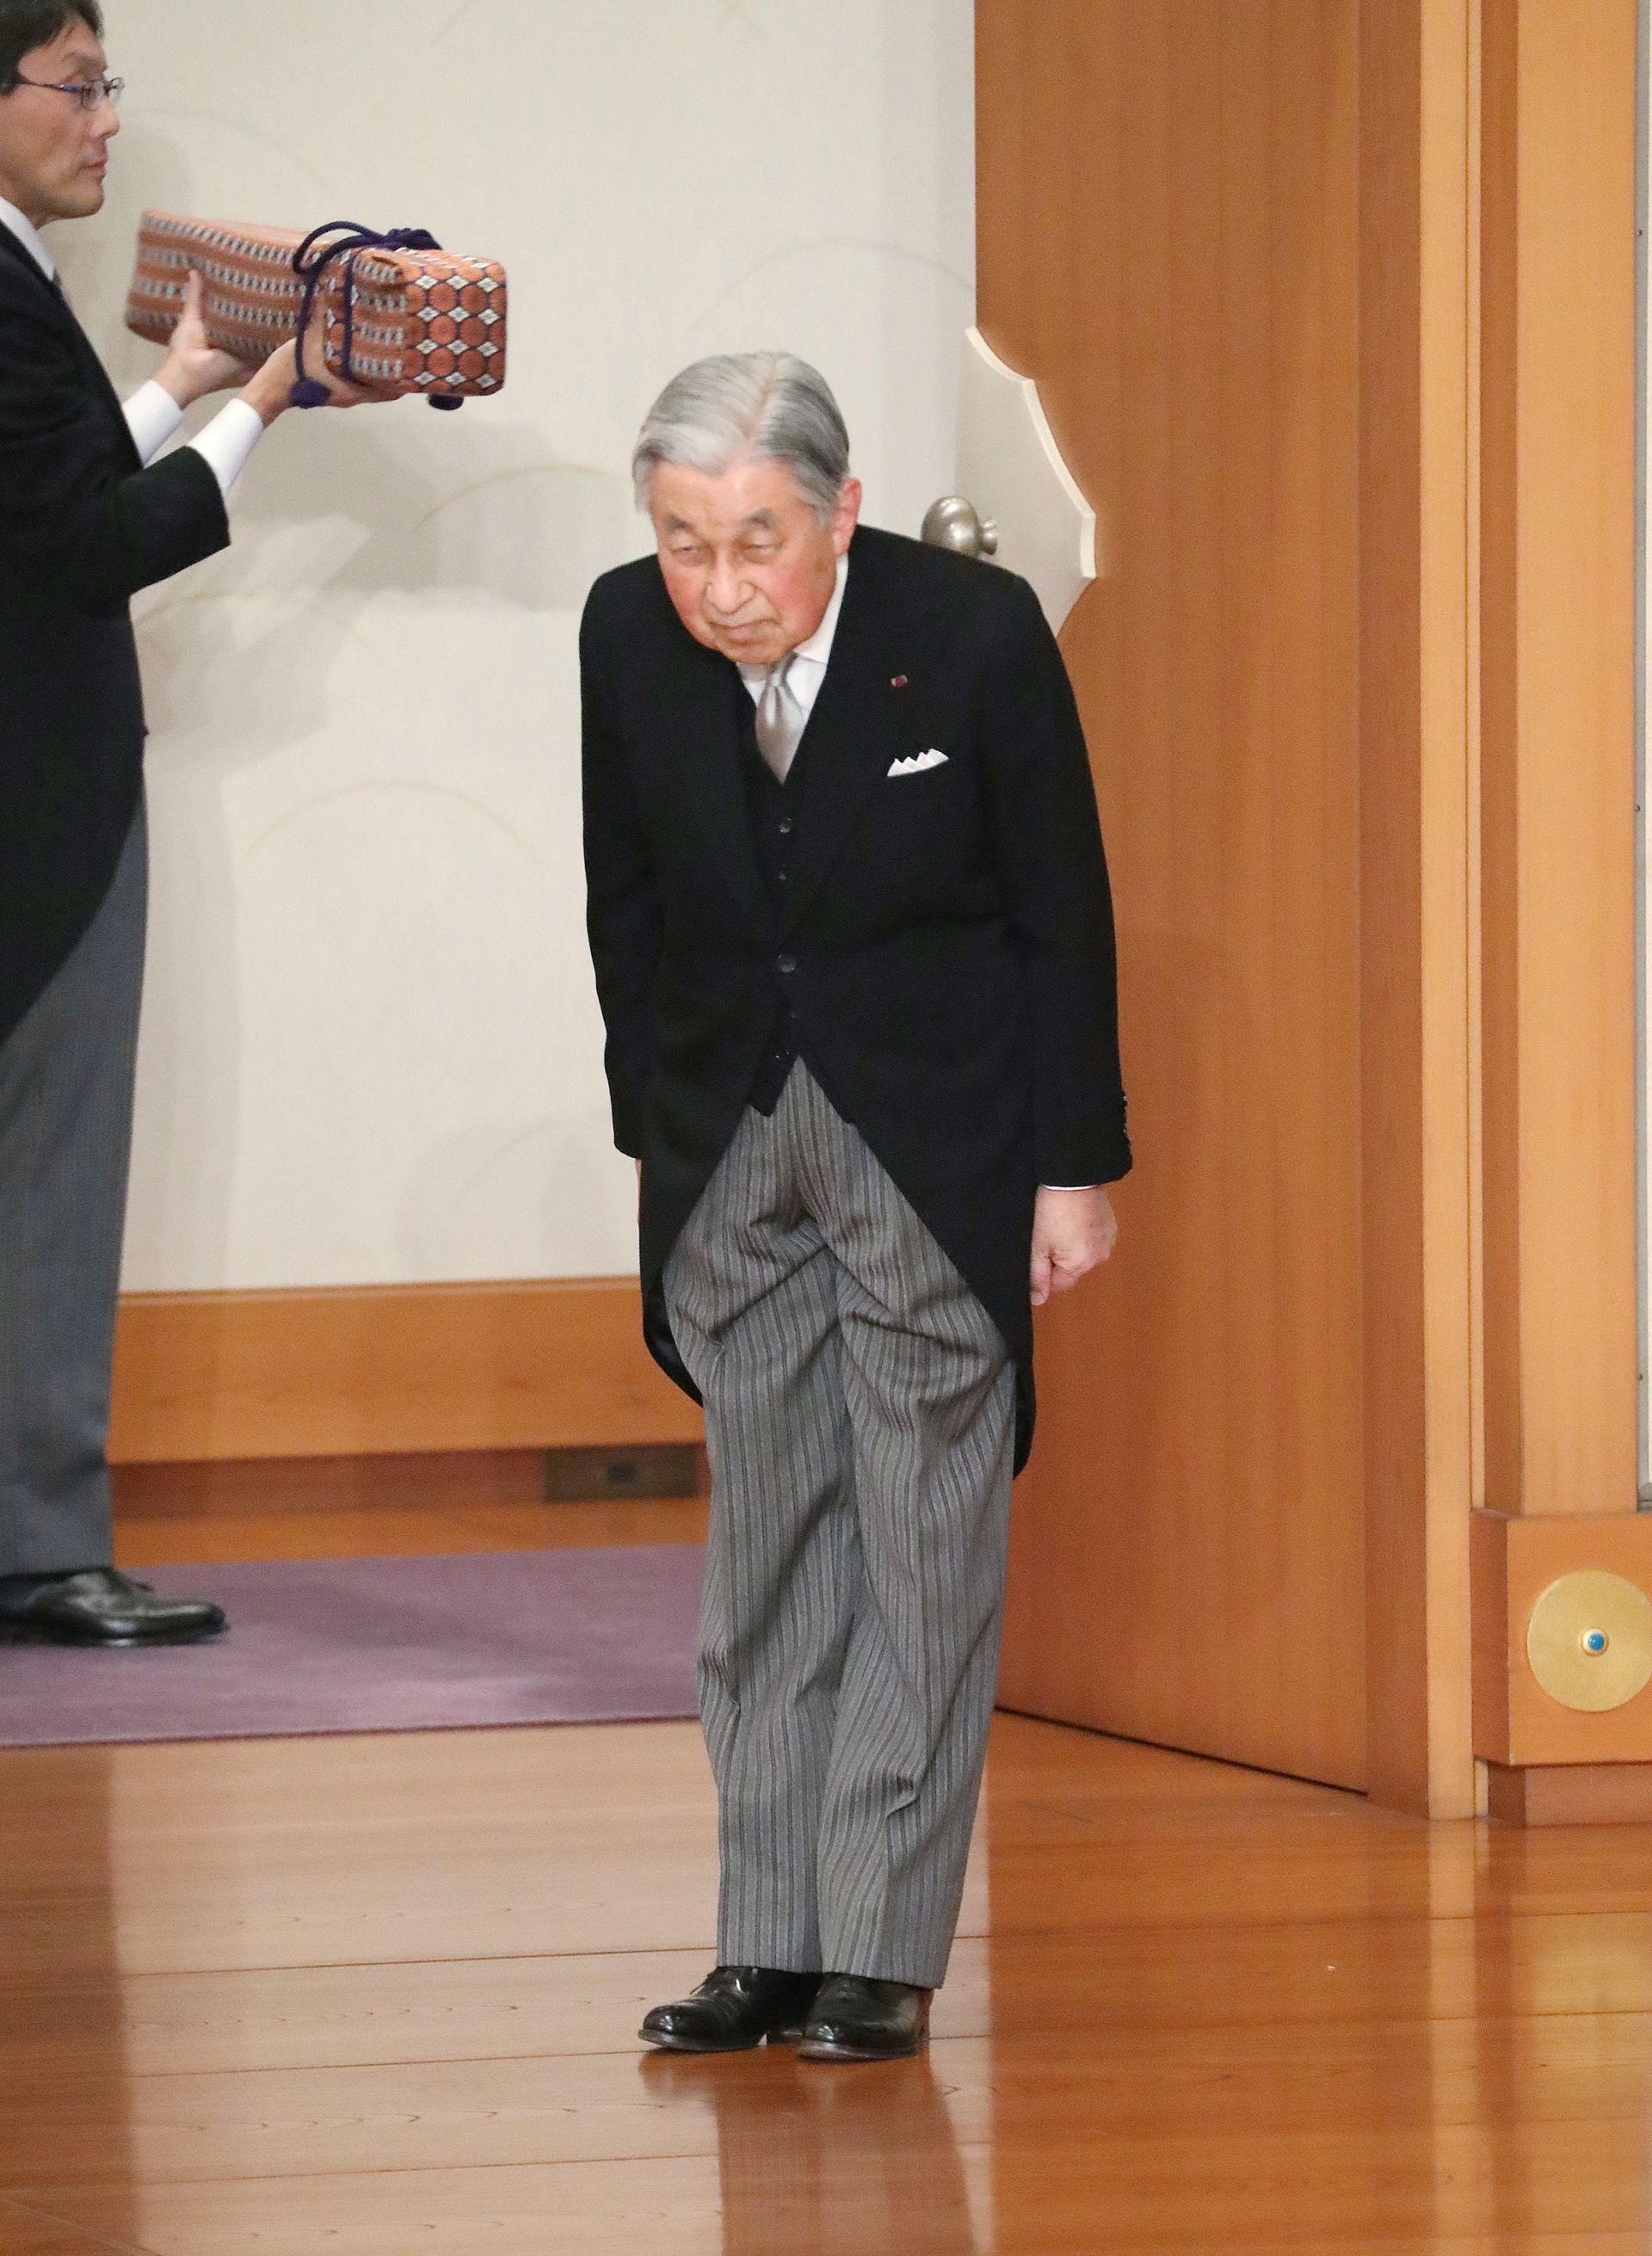 Японският император Акихито се покланя преди да напусне след церемонията по абдикацията си пред други членове на кралските семейства и висши държавни служители в Имперския дворец в Токио